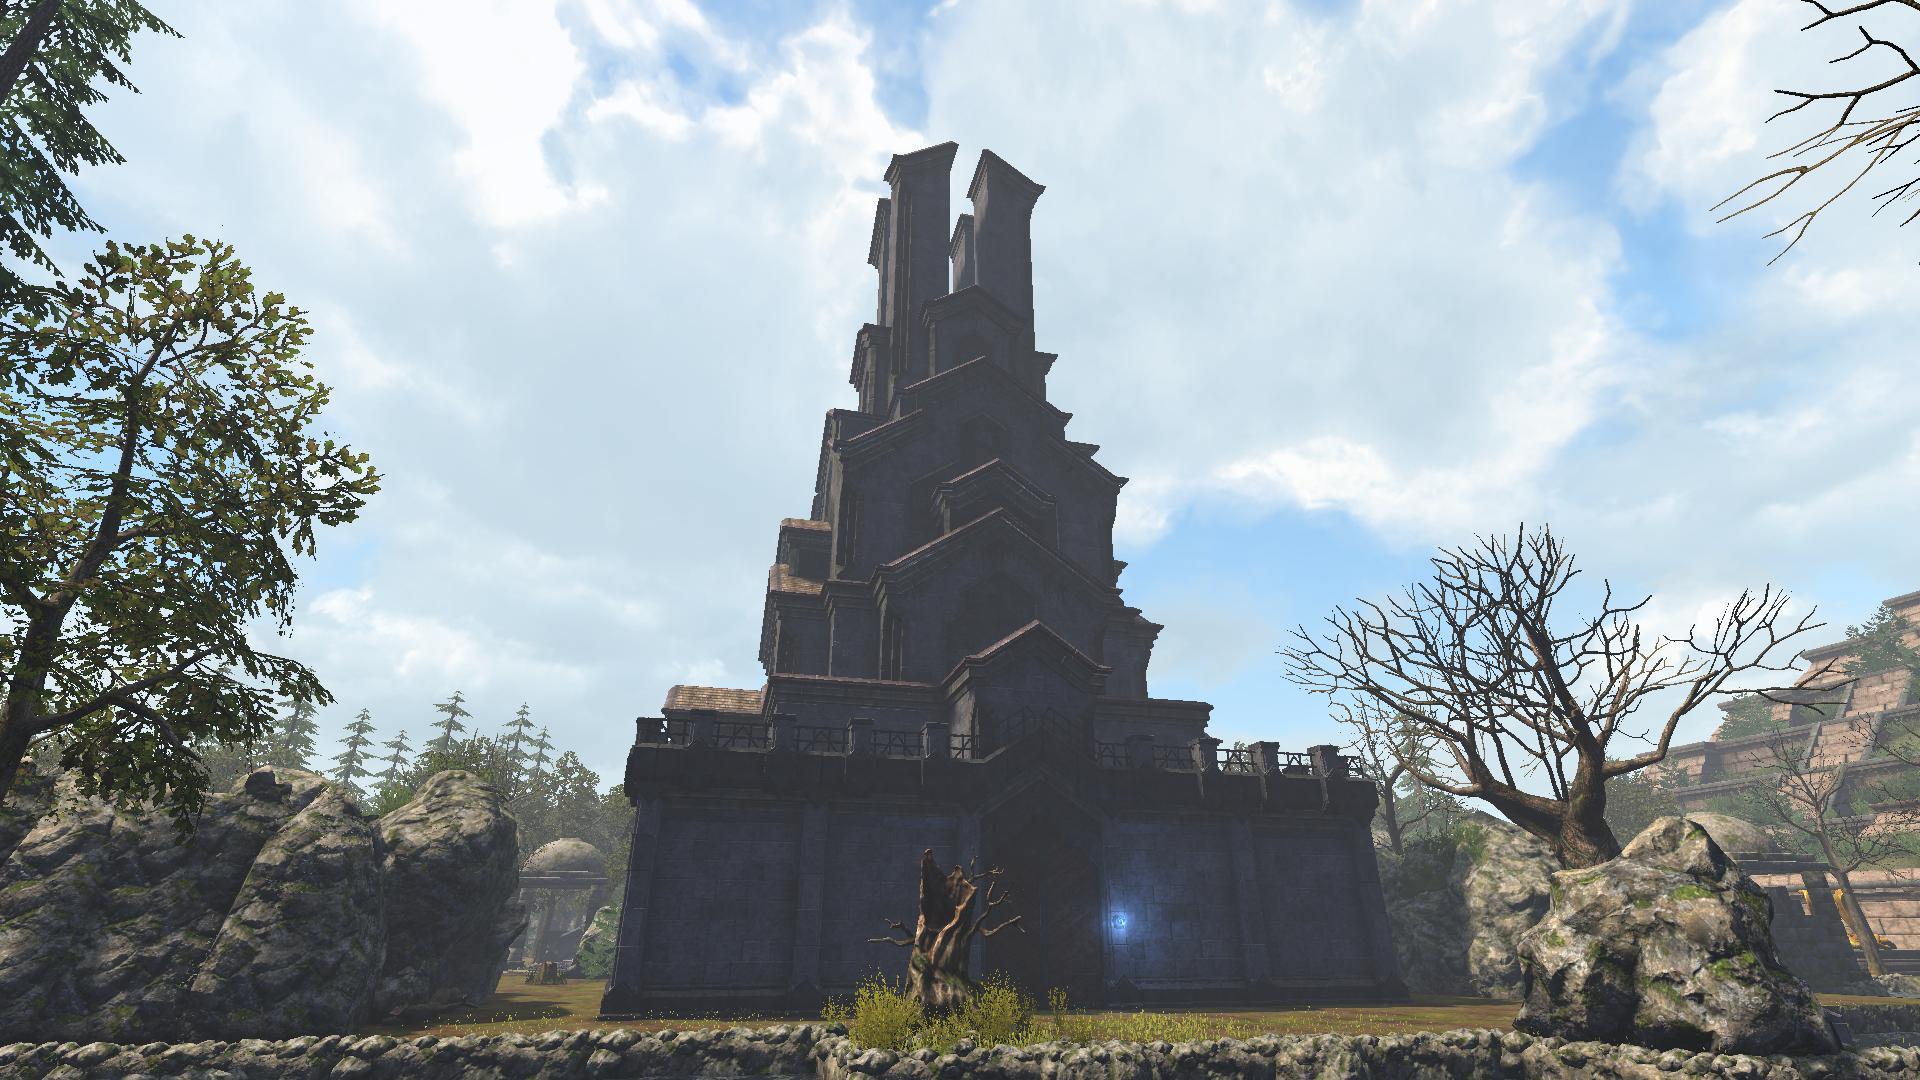 Recenze Legend of Grimrock 2 - Návrat legendy, anebo propadák? 9648